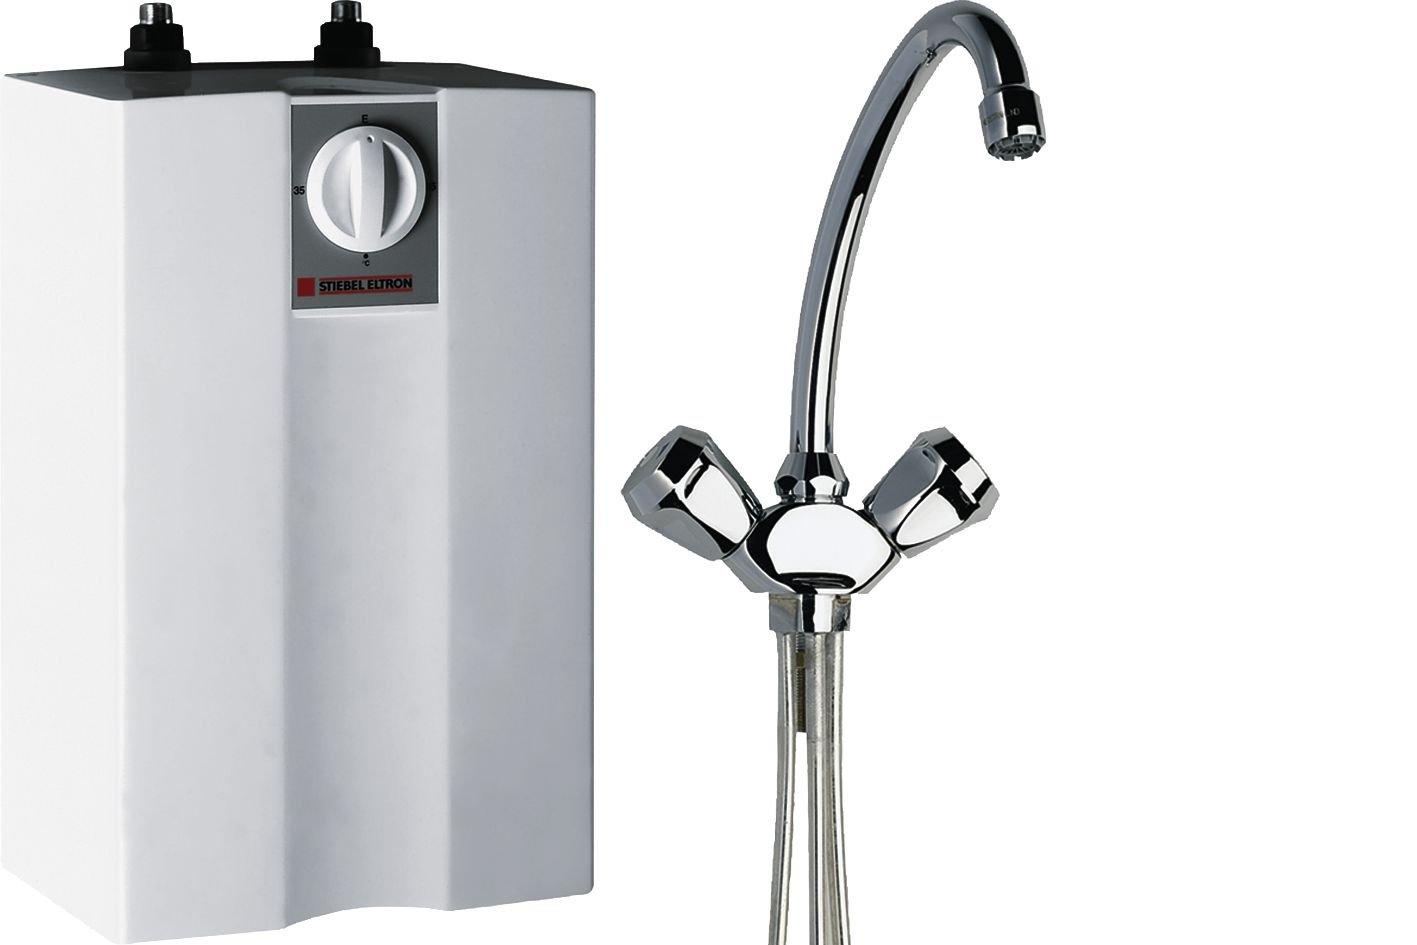 Stiebel Eltron 222177 Warmwasserspeicher UFP5TMITTWS2  BaumarktKundenbewertung: